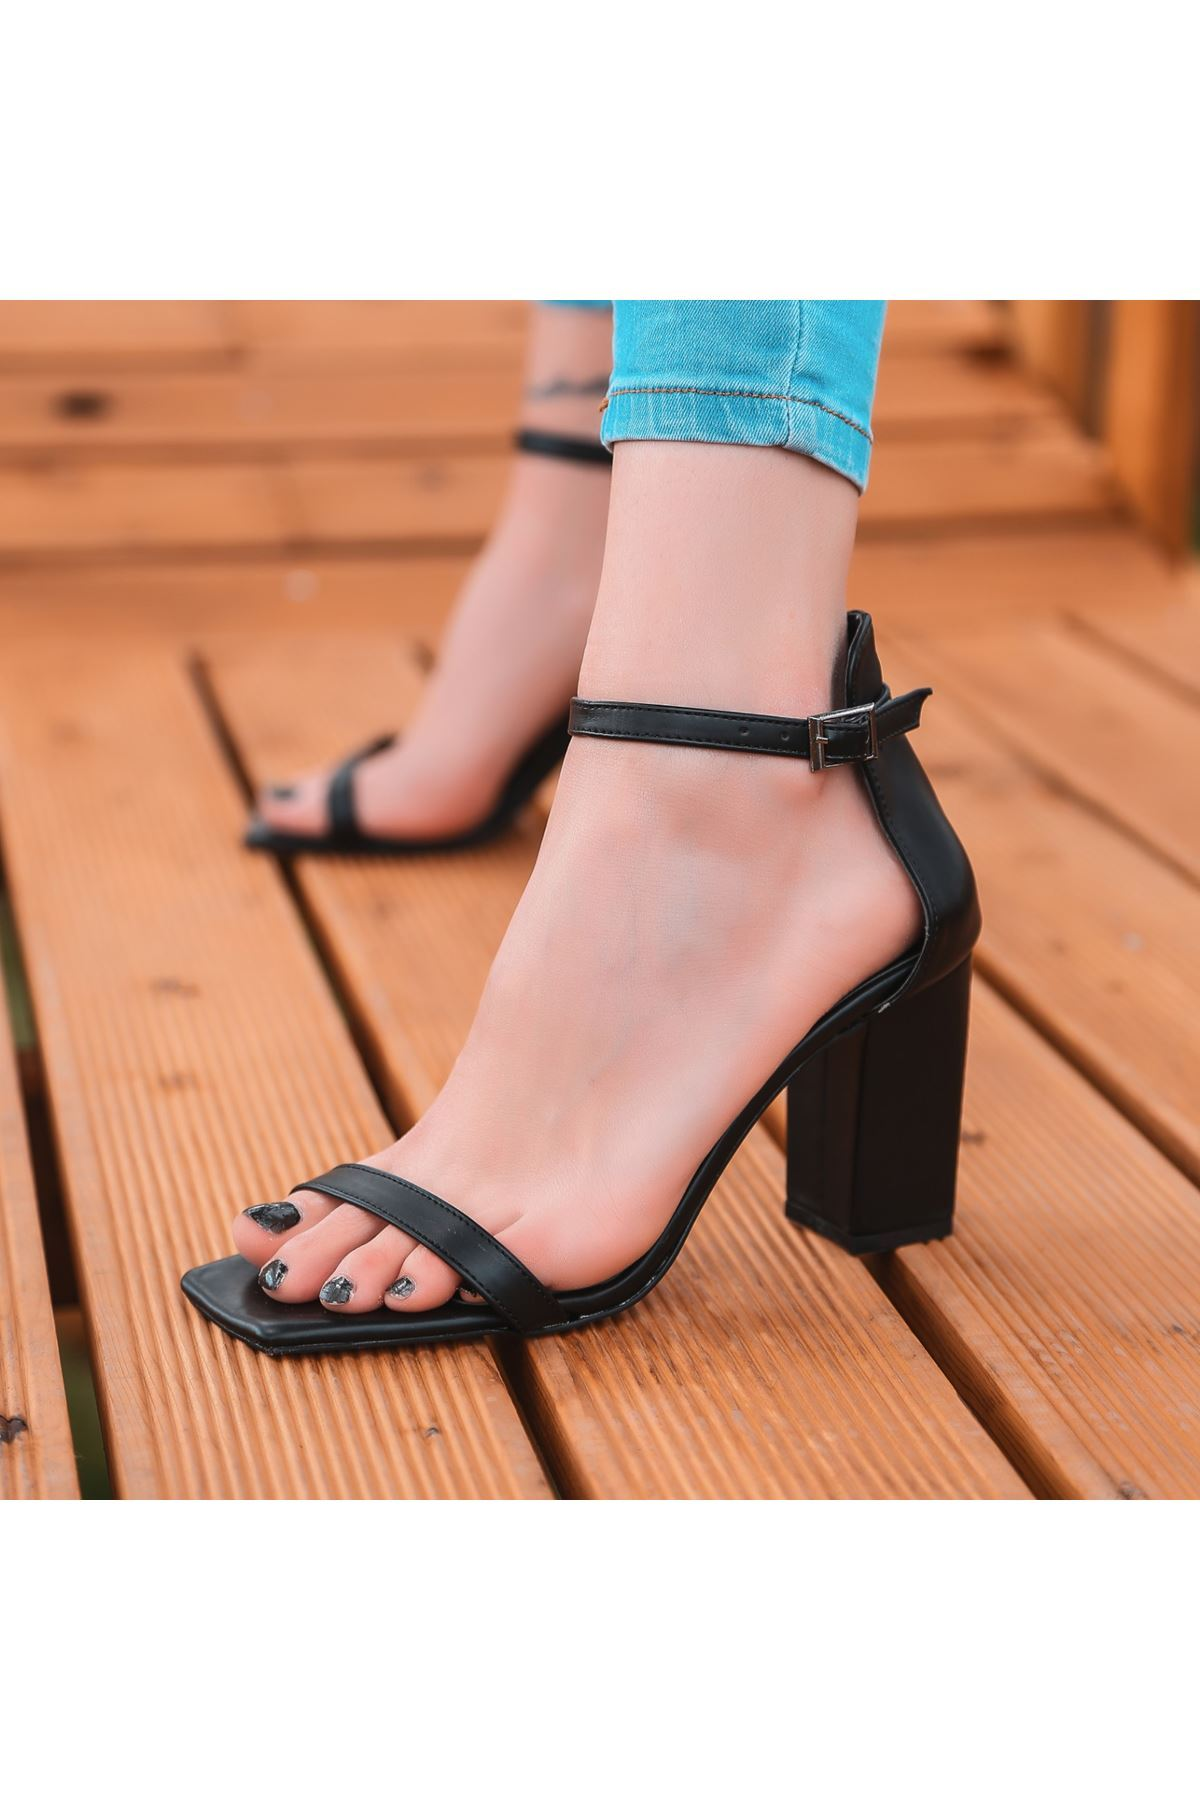 Siga Siyah Cilt Topuklu Ayakkabı